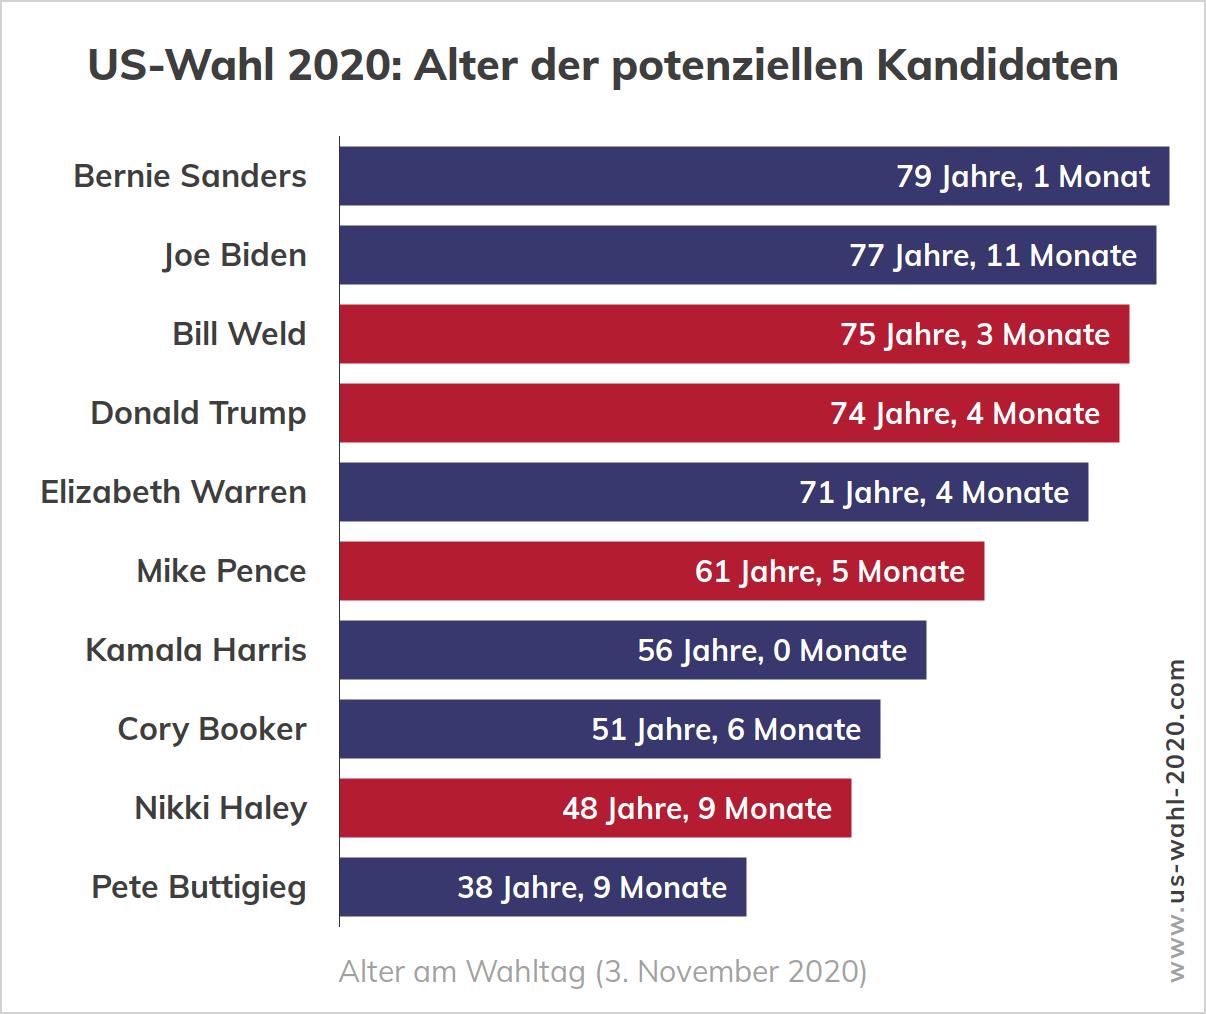 US-Wahl 2020 - Alter der Kandidaten am Wahltag der Präsidentschaftswahl in den USA